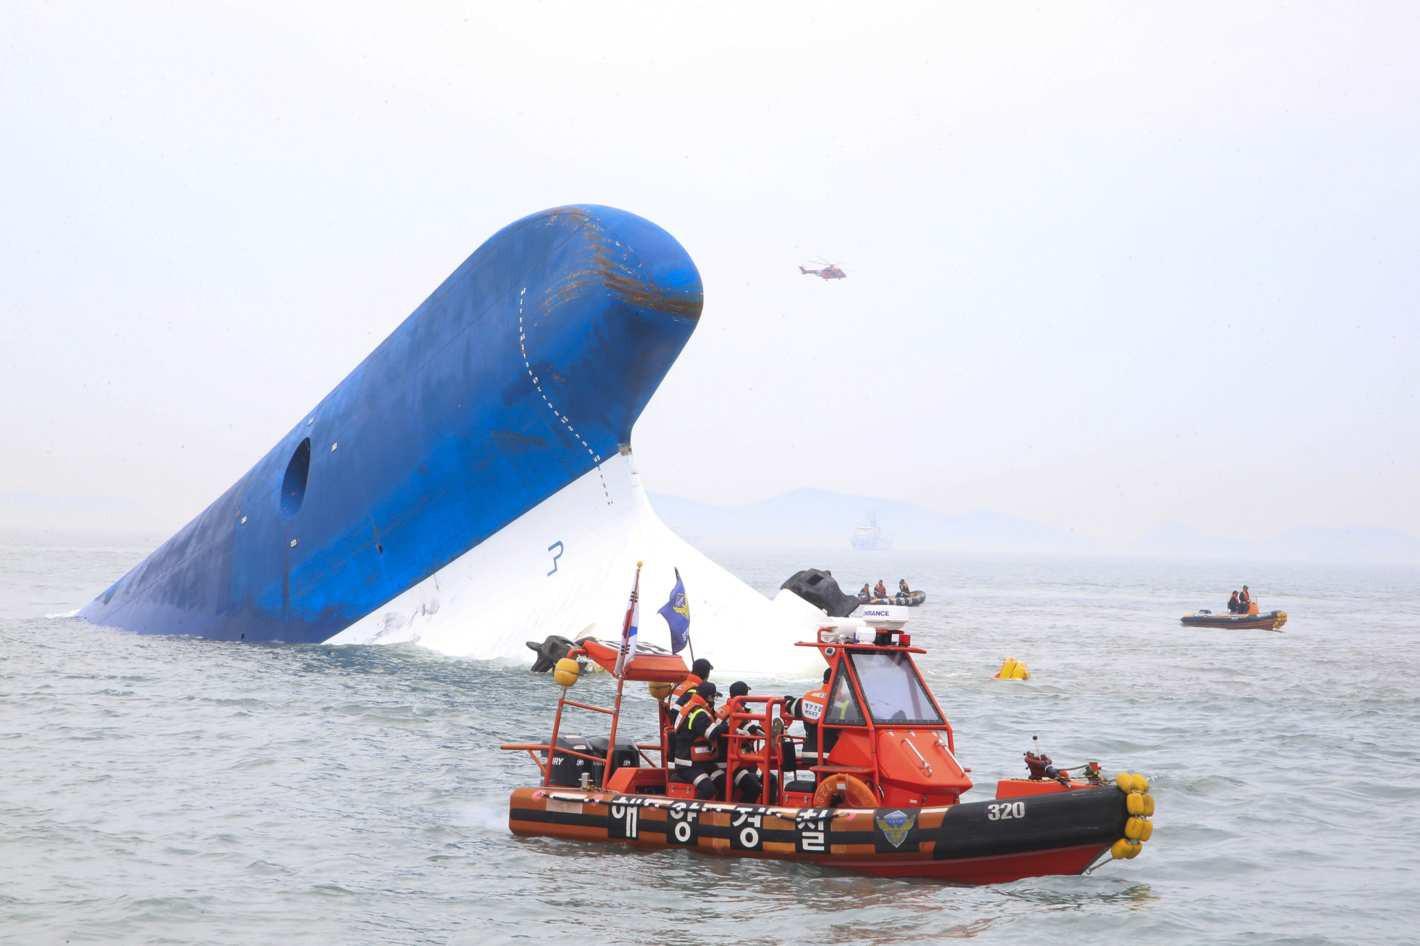 5 năm sau thảm họa chìm phà Sewol, điện ảnh Hàn lên tiếng: Đã đến lúc cần đối diện với nỗi đau! - Ảnh 1.